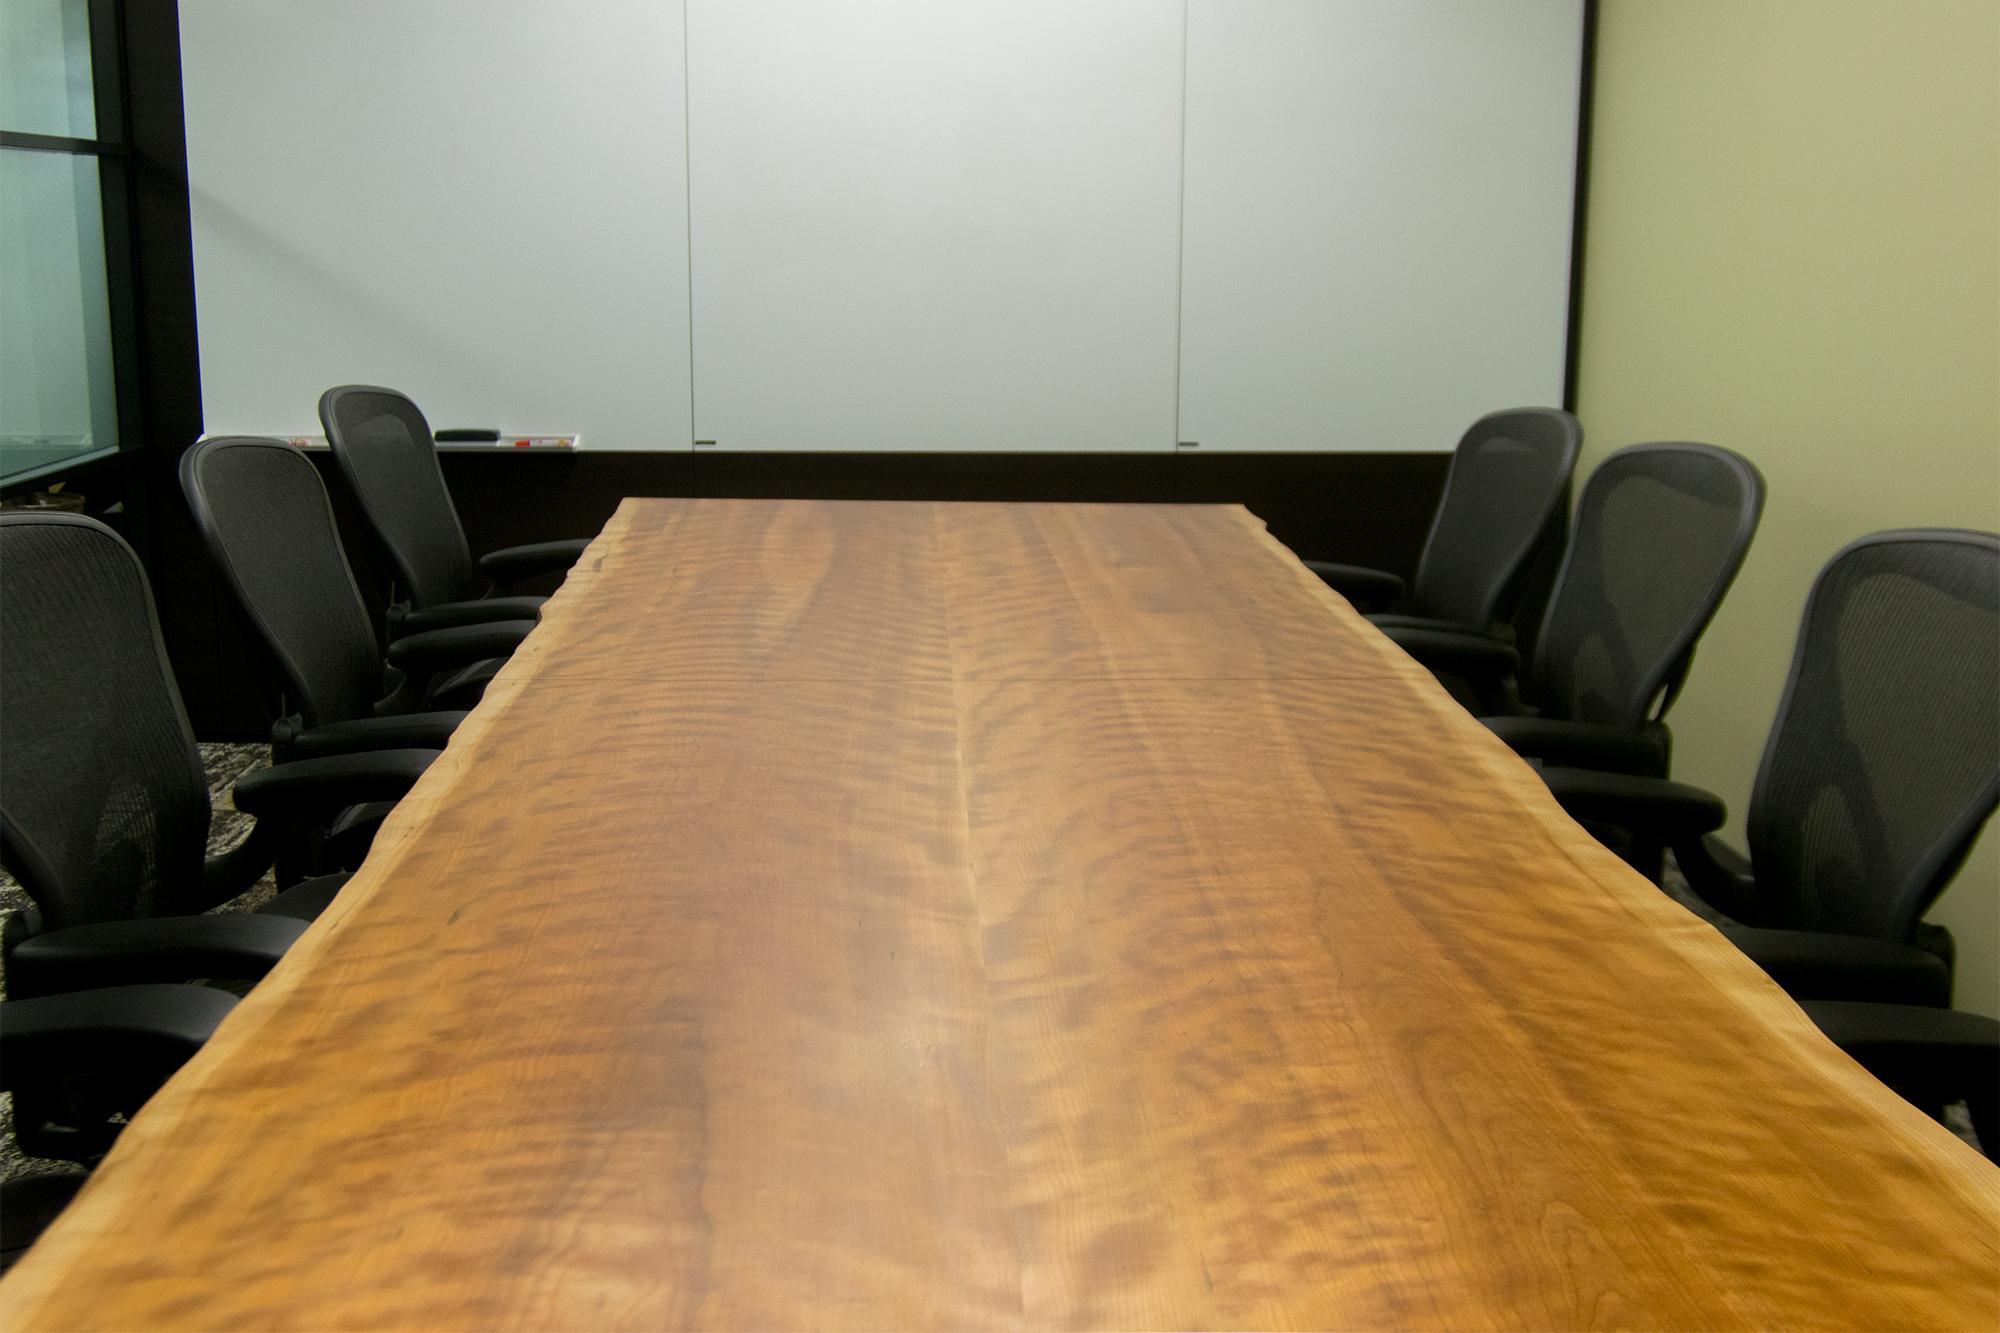 アメリカンブラックチェリー二枚接ぎ天板会議室用テーブル americancherry